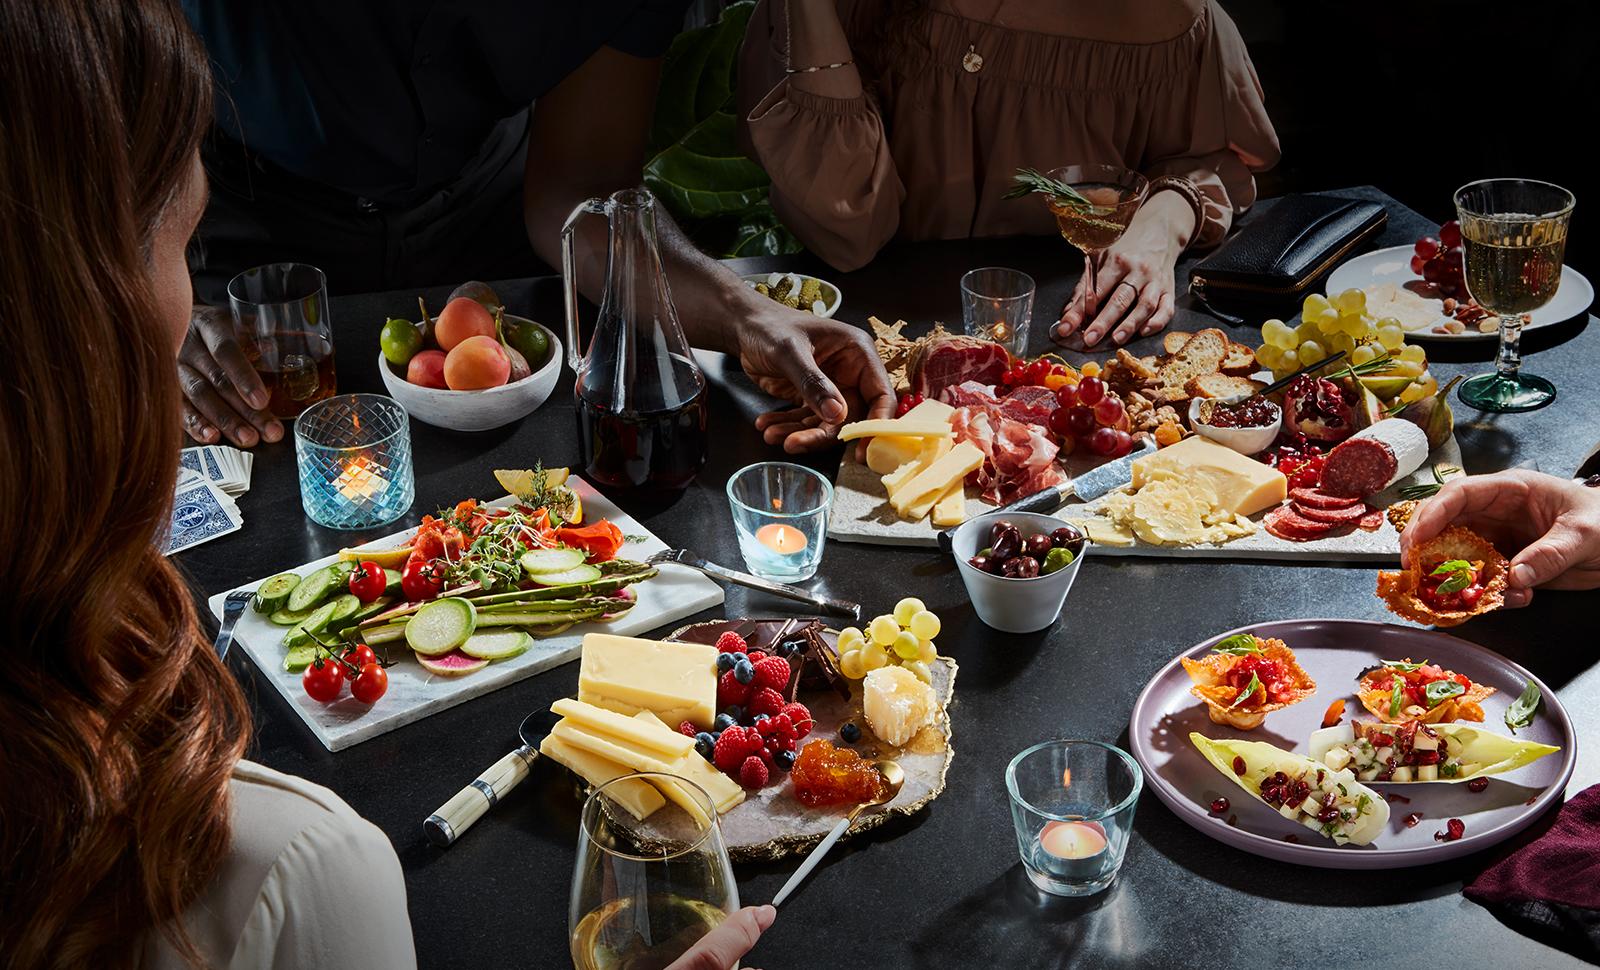 Quatre convives autour d'une table garnie de plusieurs plateaux de fromages assortis, de viandes froides, de fruits, de légumes, de craquelins, de noix, en plus de cocktails.